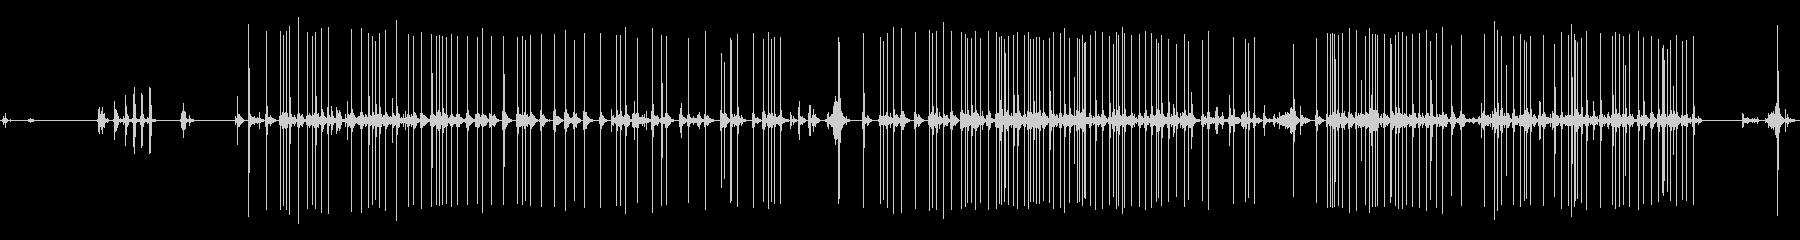 1930年代のアンティークタイプラ...の未再生の波形